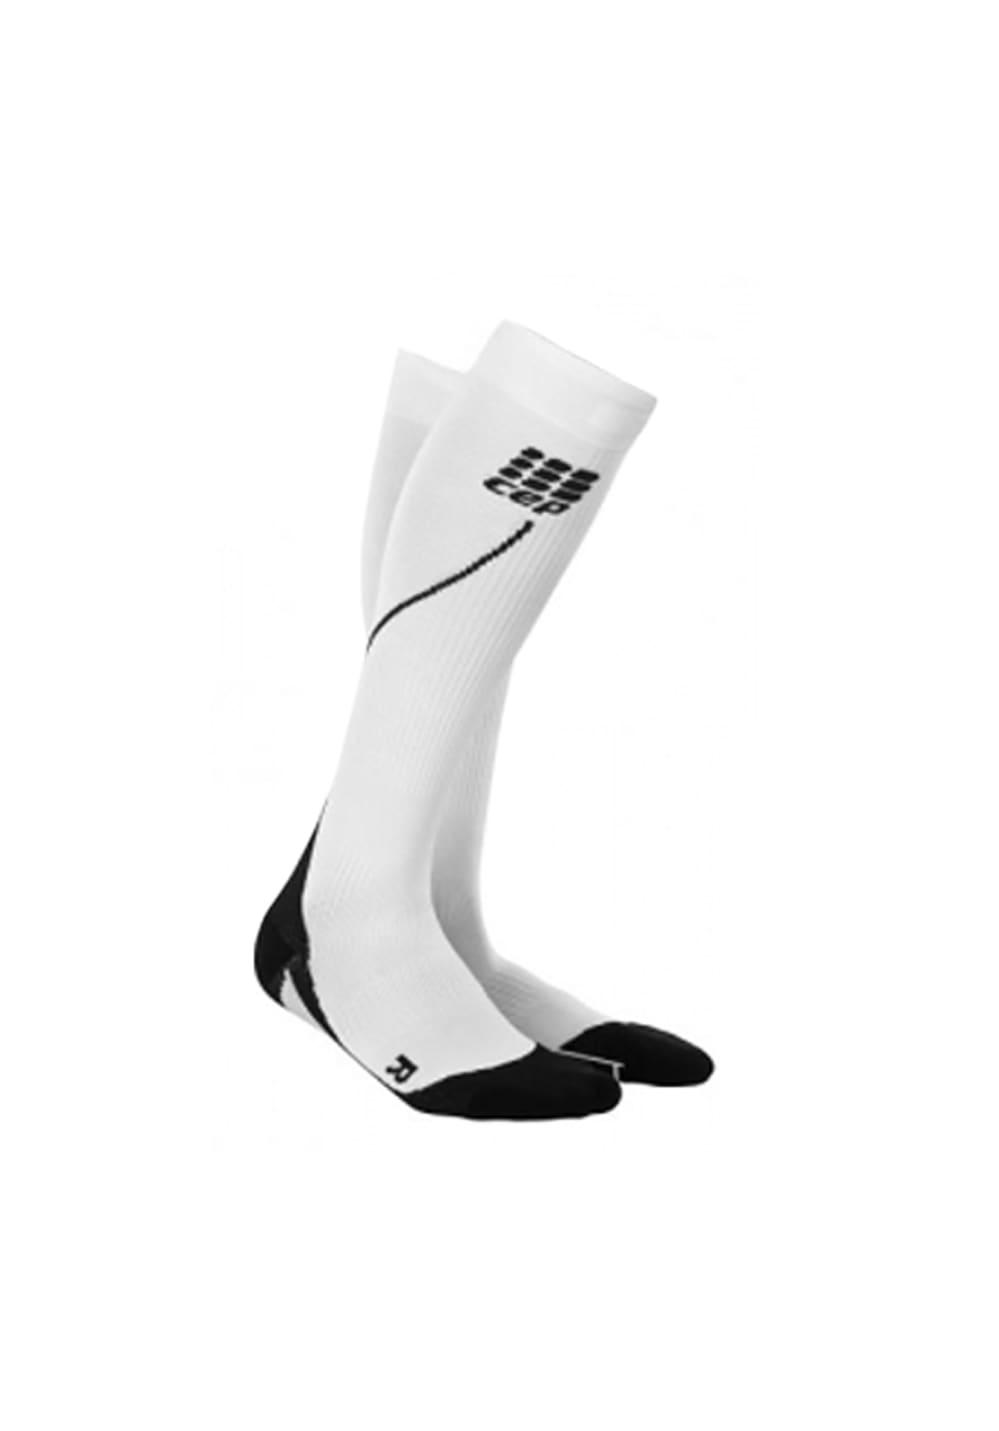 CEP Pro+ Run Socks 2.0 - Laufsocken für Herren - Weiß